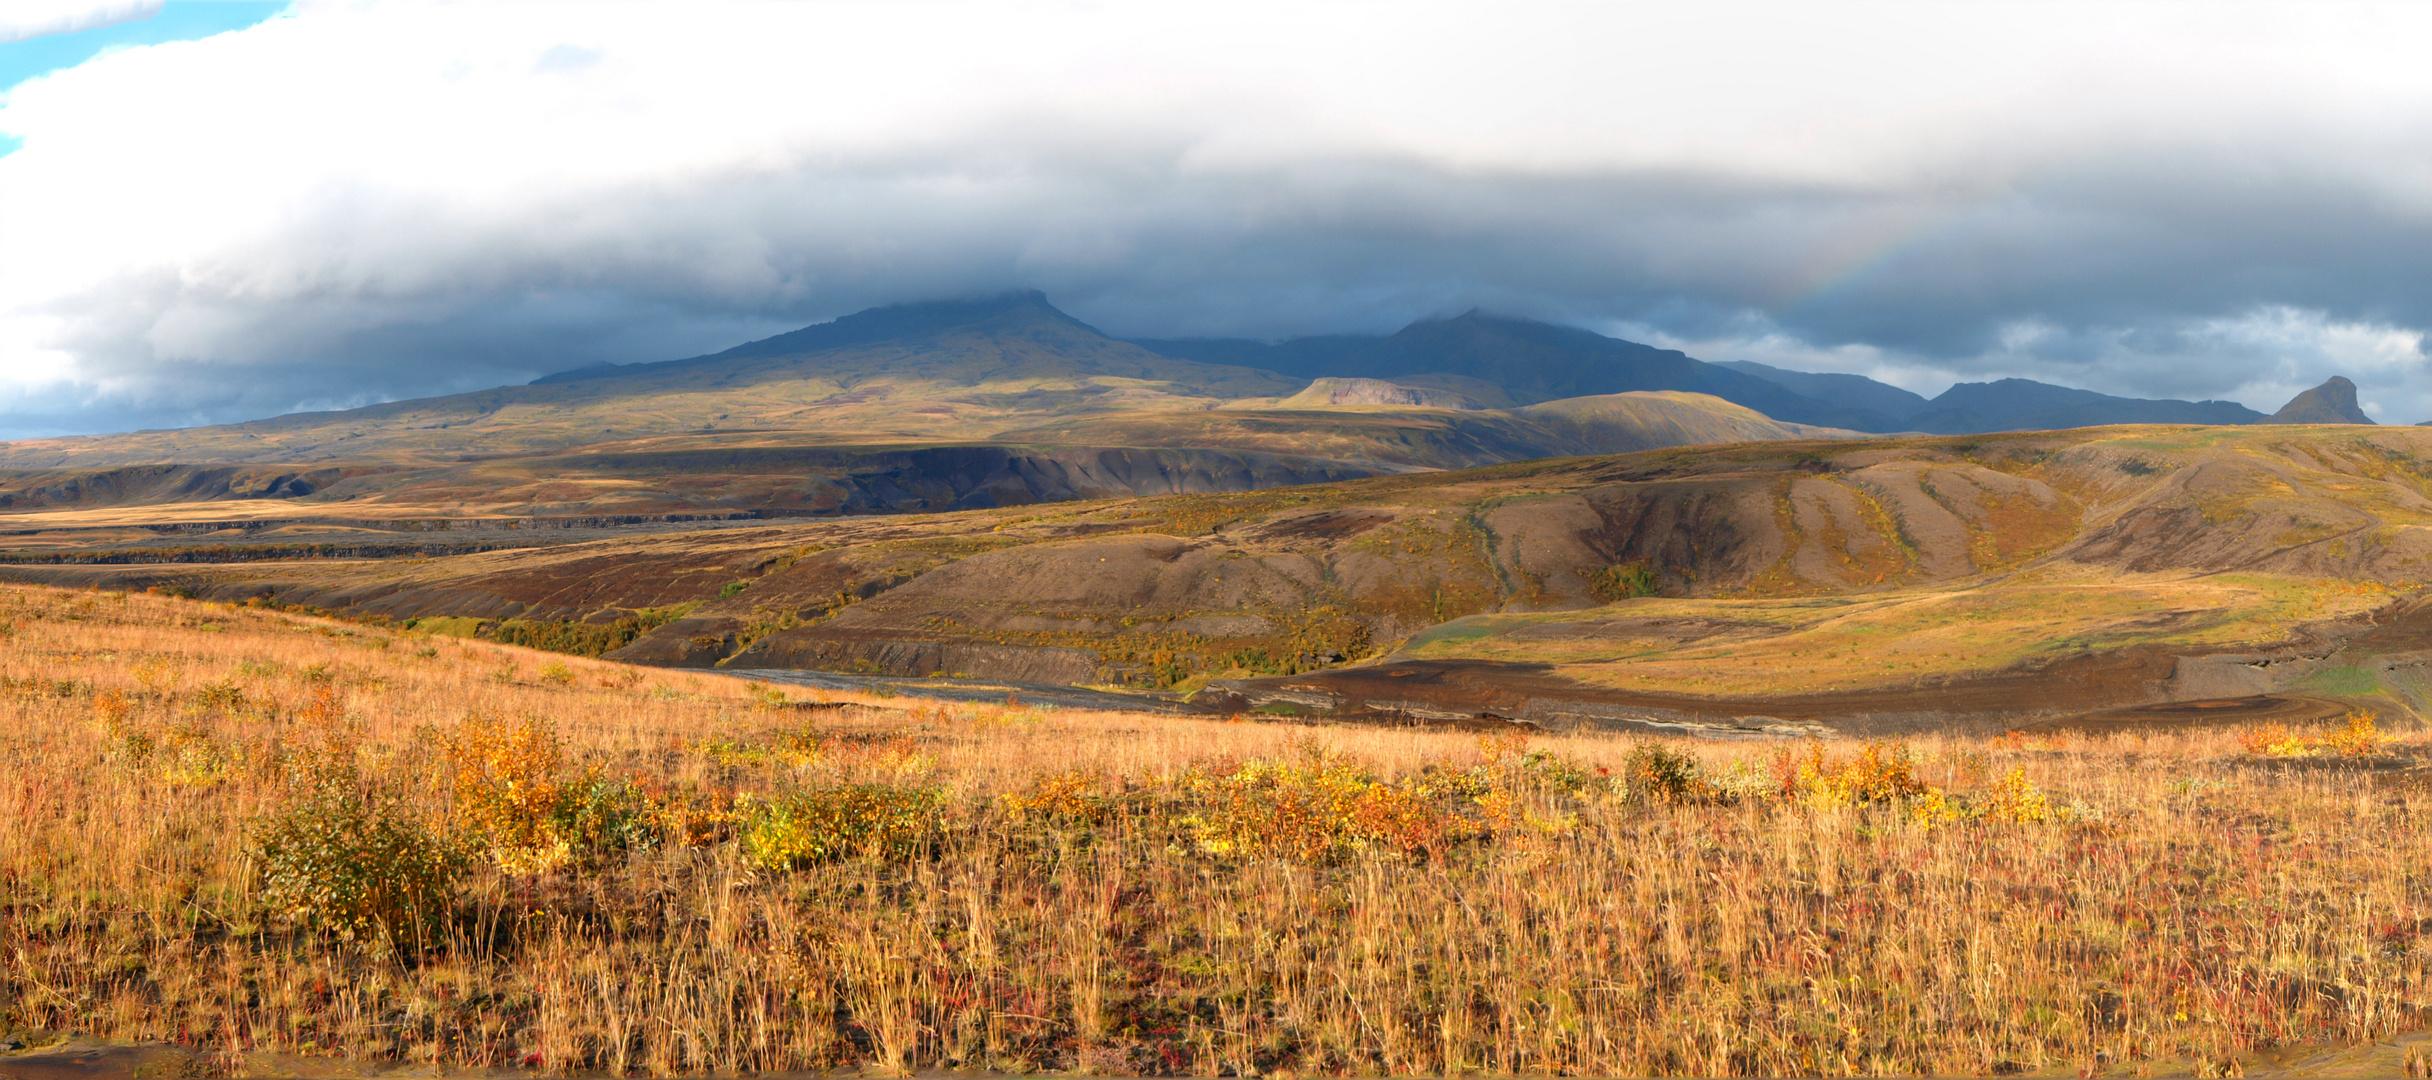 Island Herbst Foto Bild Europe Scandinavia Iceland Bilder Auf